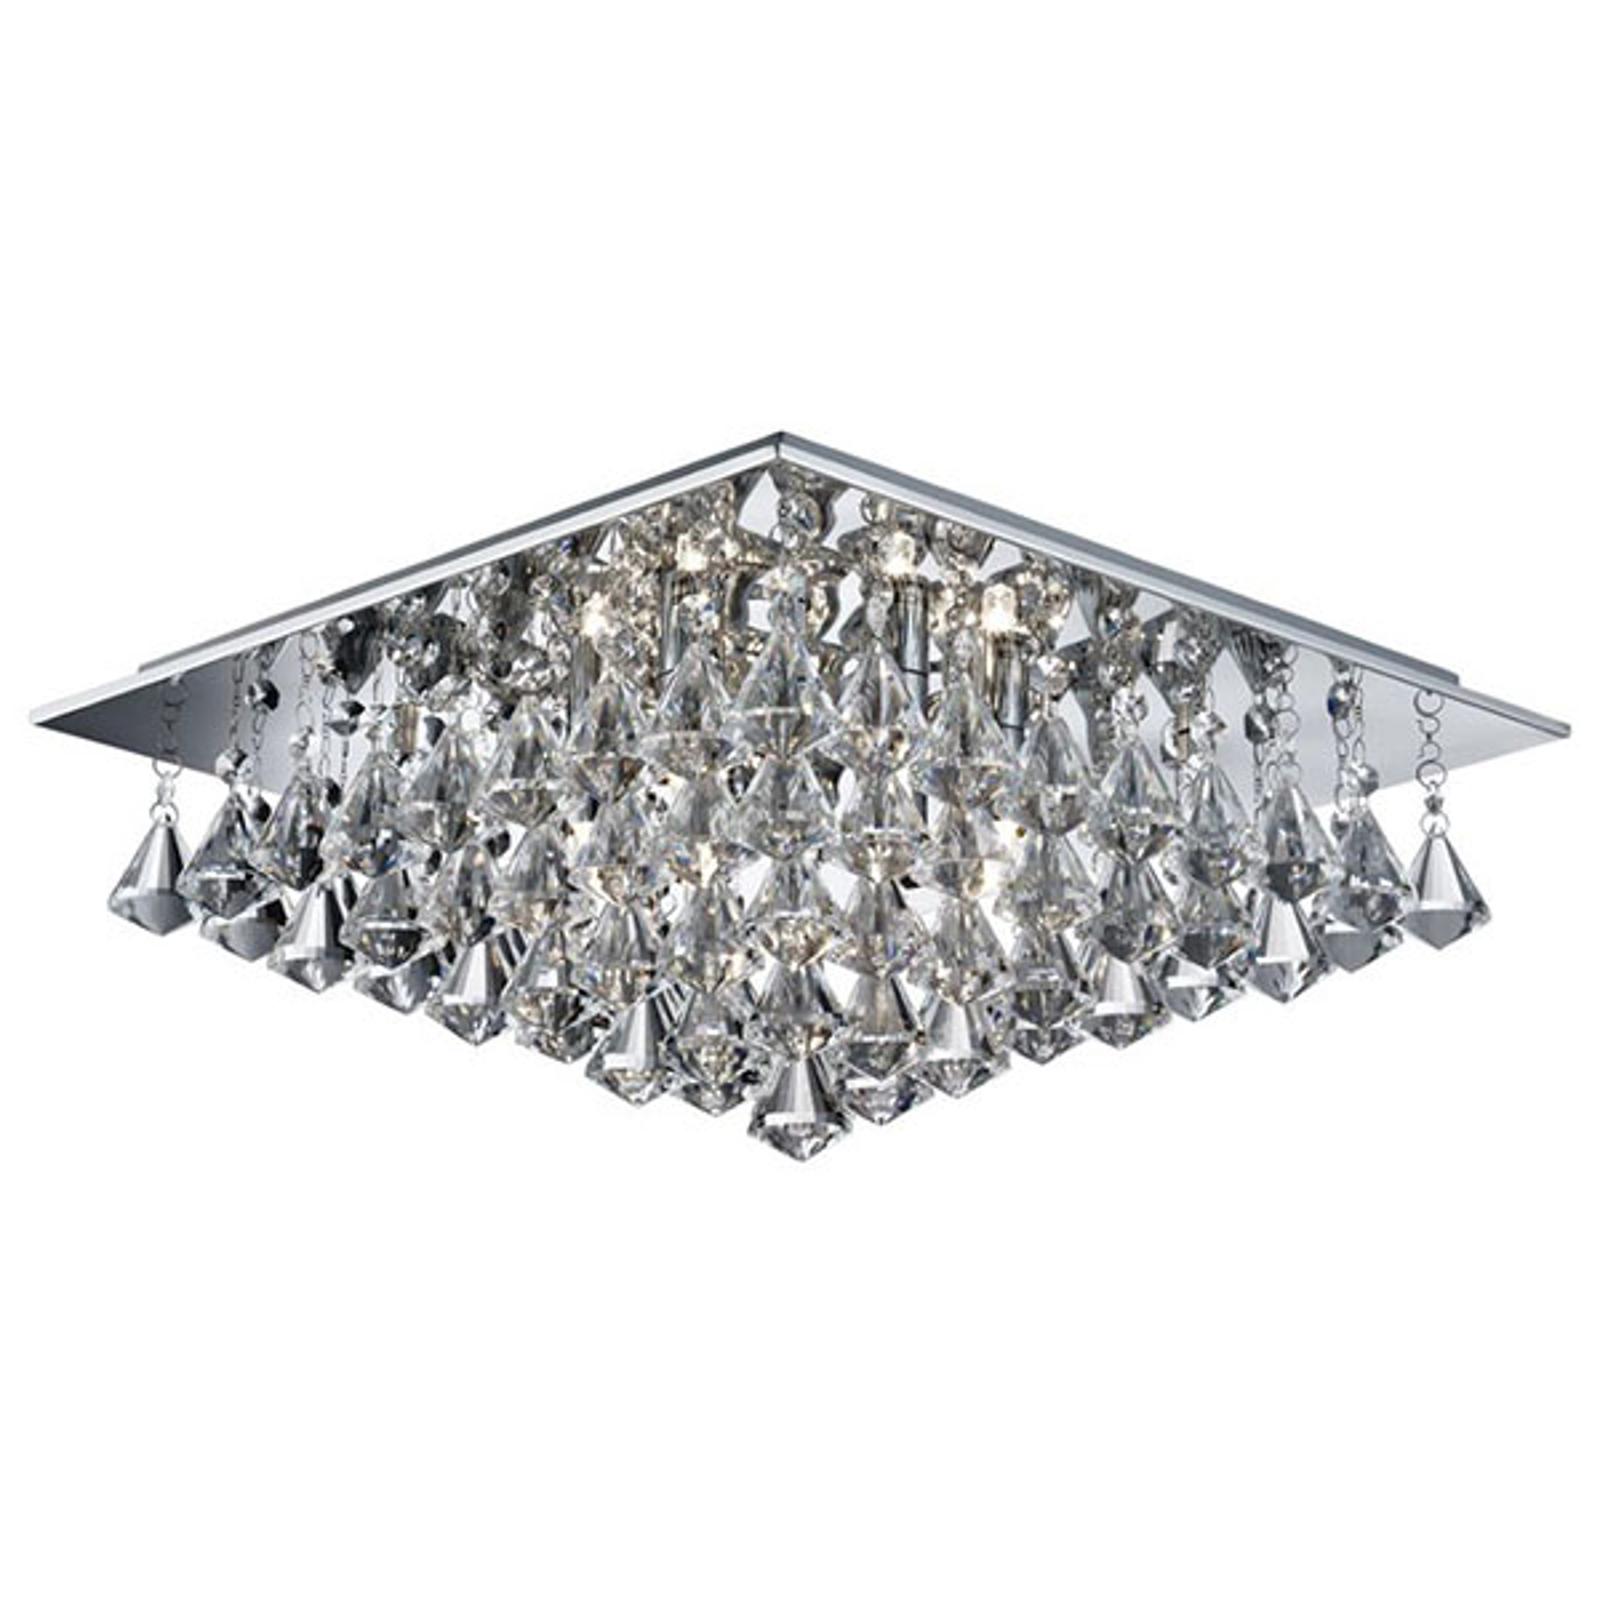 Lampa sufitowa Hanna kryształowe pryzmaty, 44x44cm